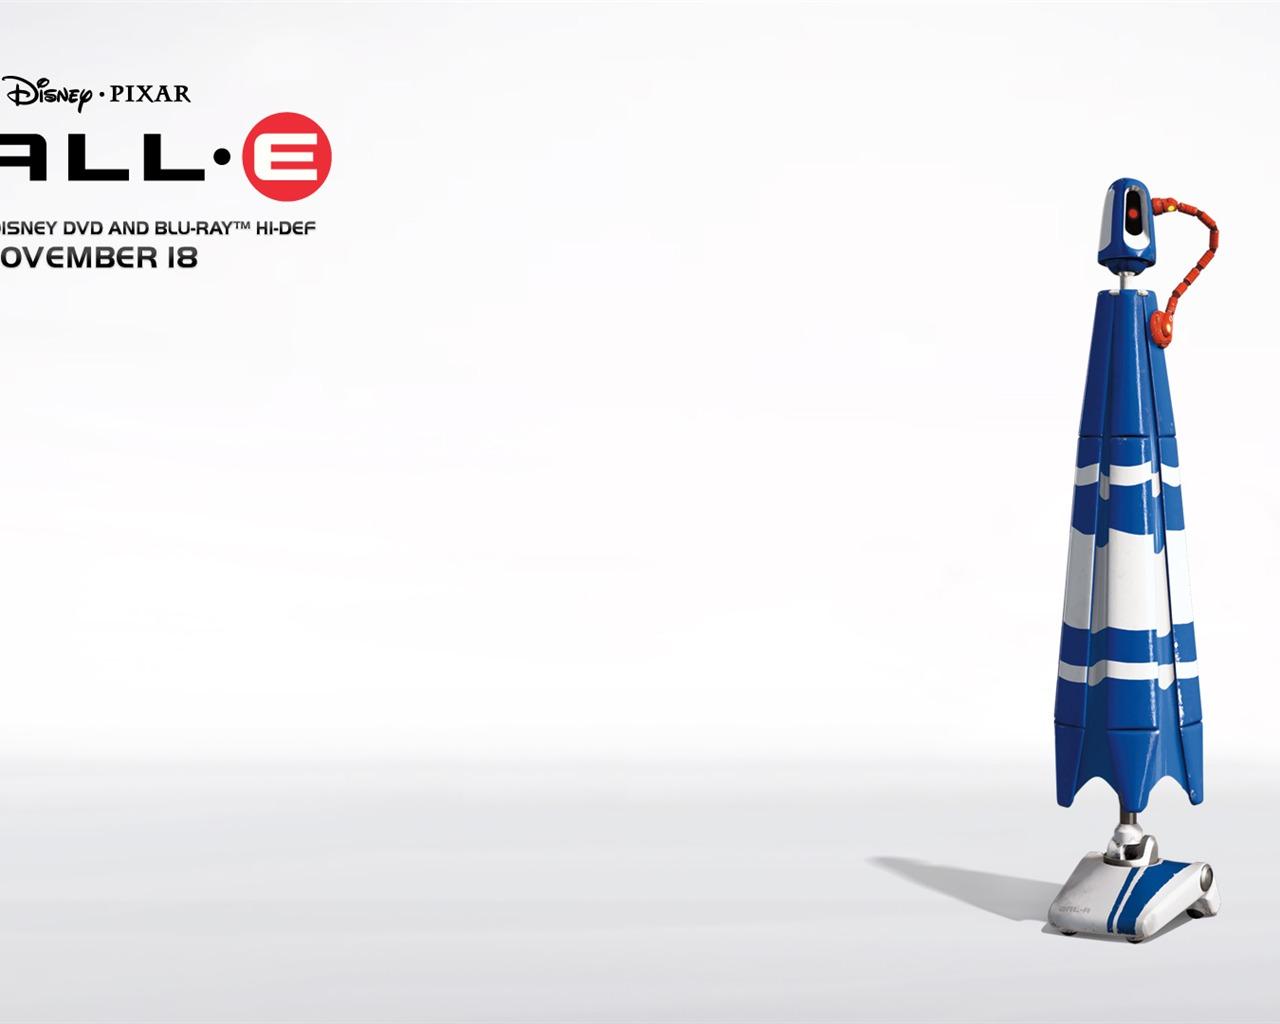 绯闻女孩壁纸_迪士尼电影 机器人总动员WALL-E壁纸-1280x1024下载 | 10wallpaper.com